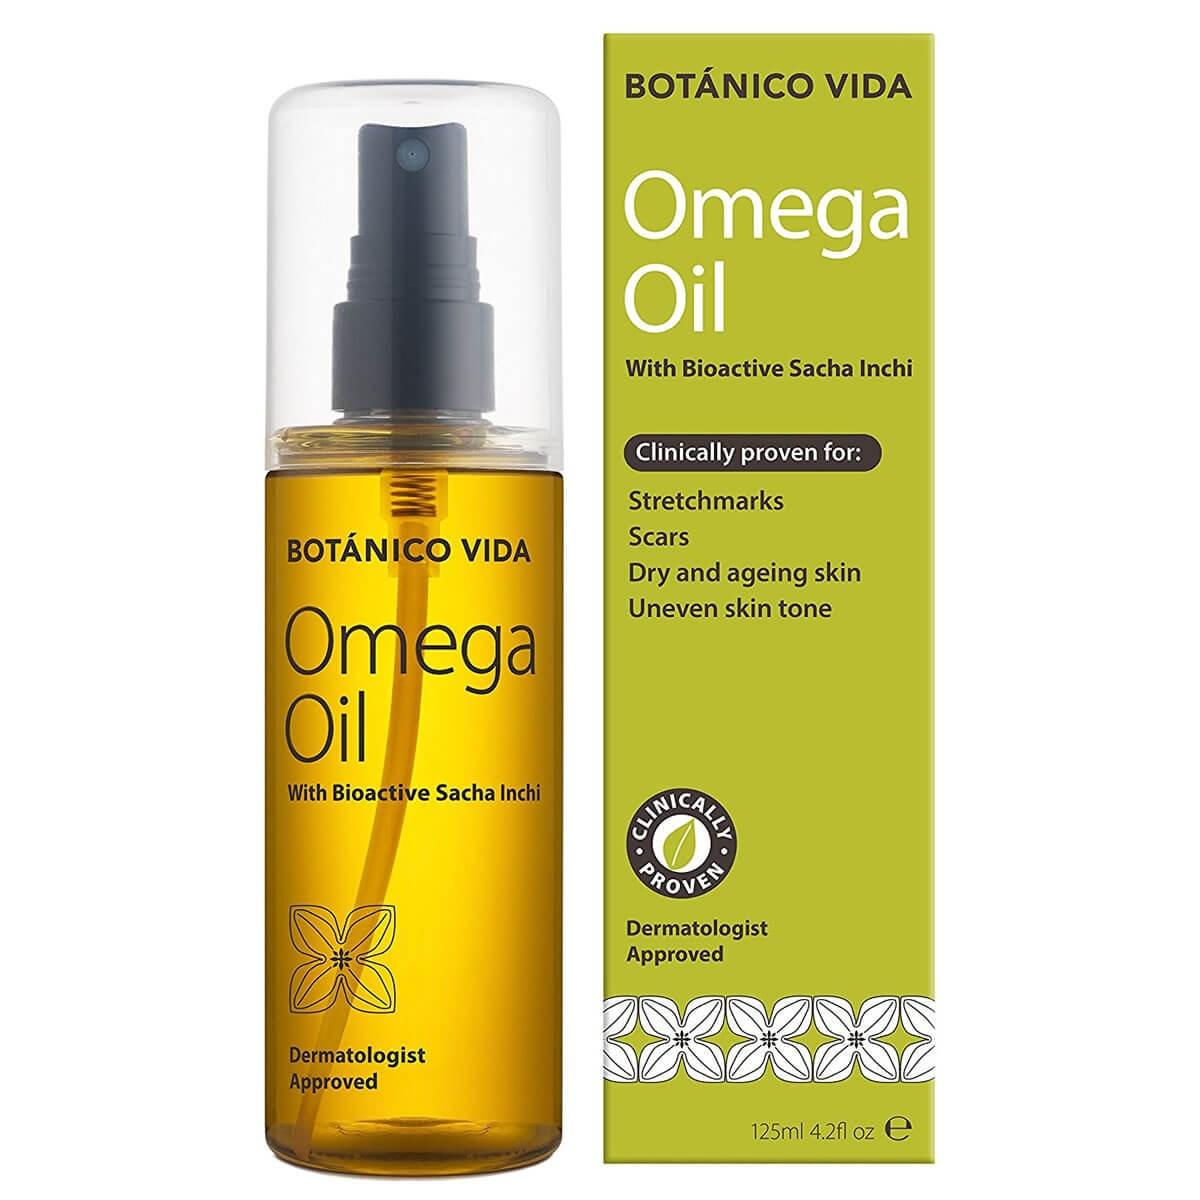 Botanico Vida Omega Oil with Bioactive Sacha Inchi